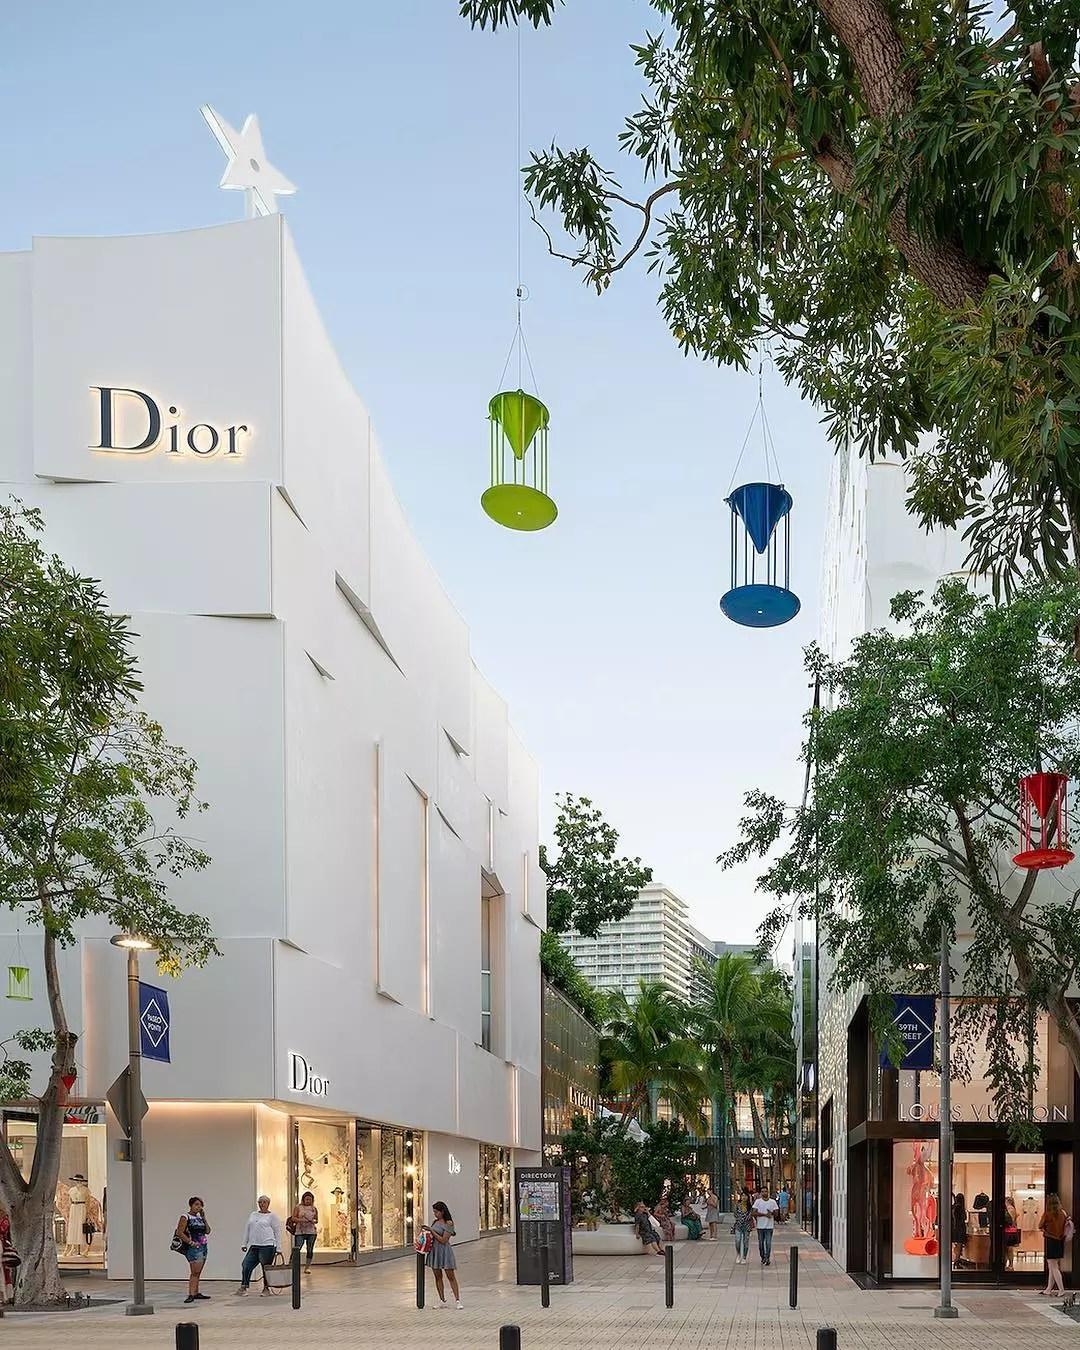 Picture of white Dior store in the Miami Design District in Miami, FL. Photo by Instagram user @miamidesigndistrict